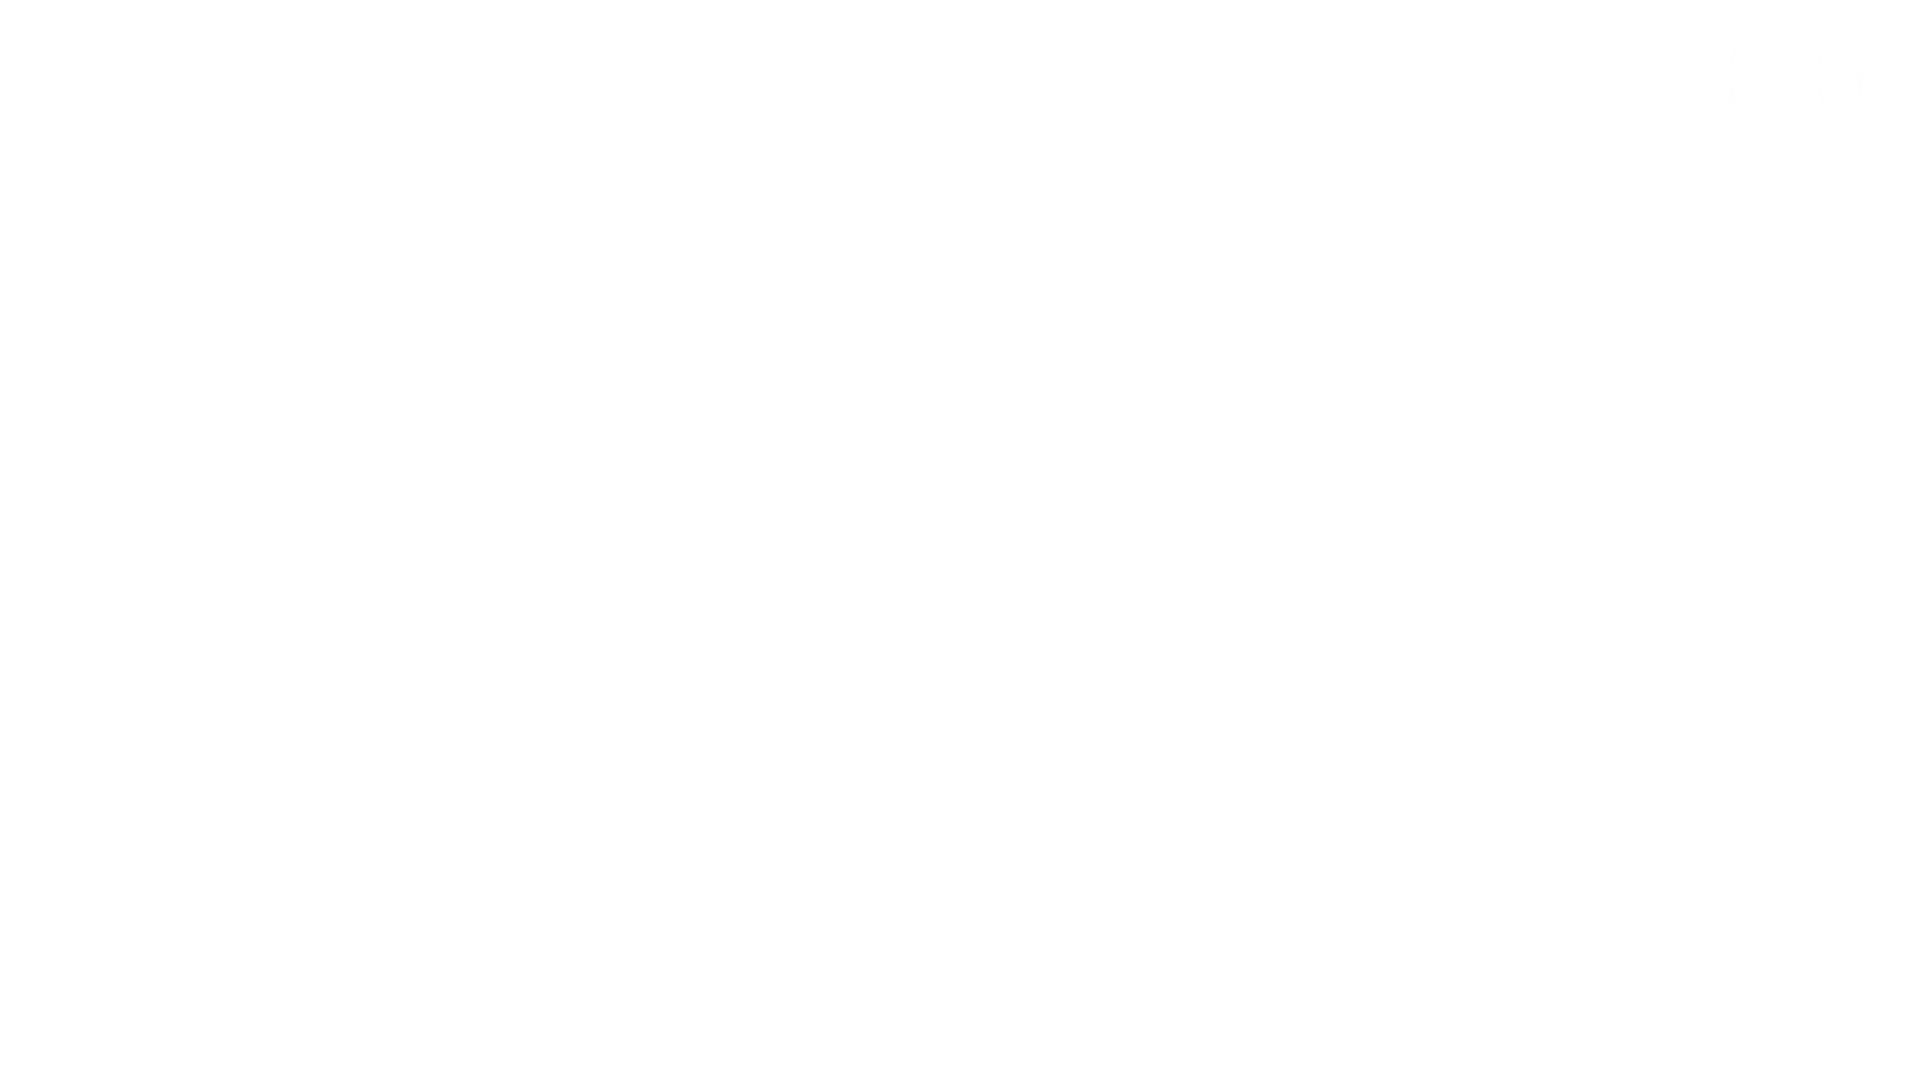 至高下半身盗撮-PREMIUM-【院内病棟編 】 vol.01 ぱっくり下半身 オメコ無修正動画無料 59画像 28